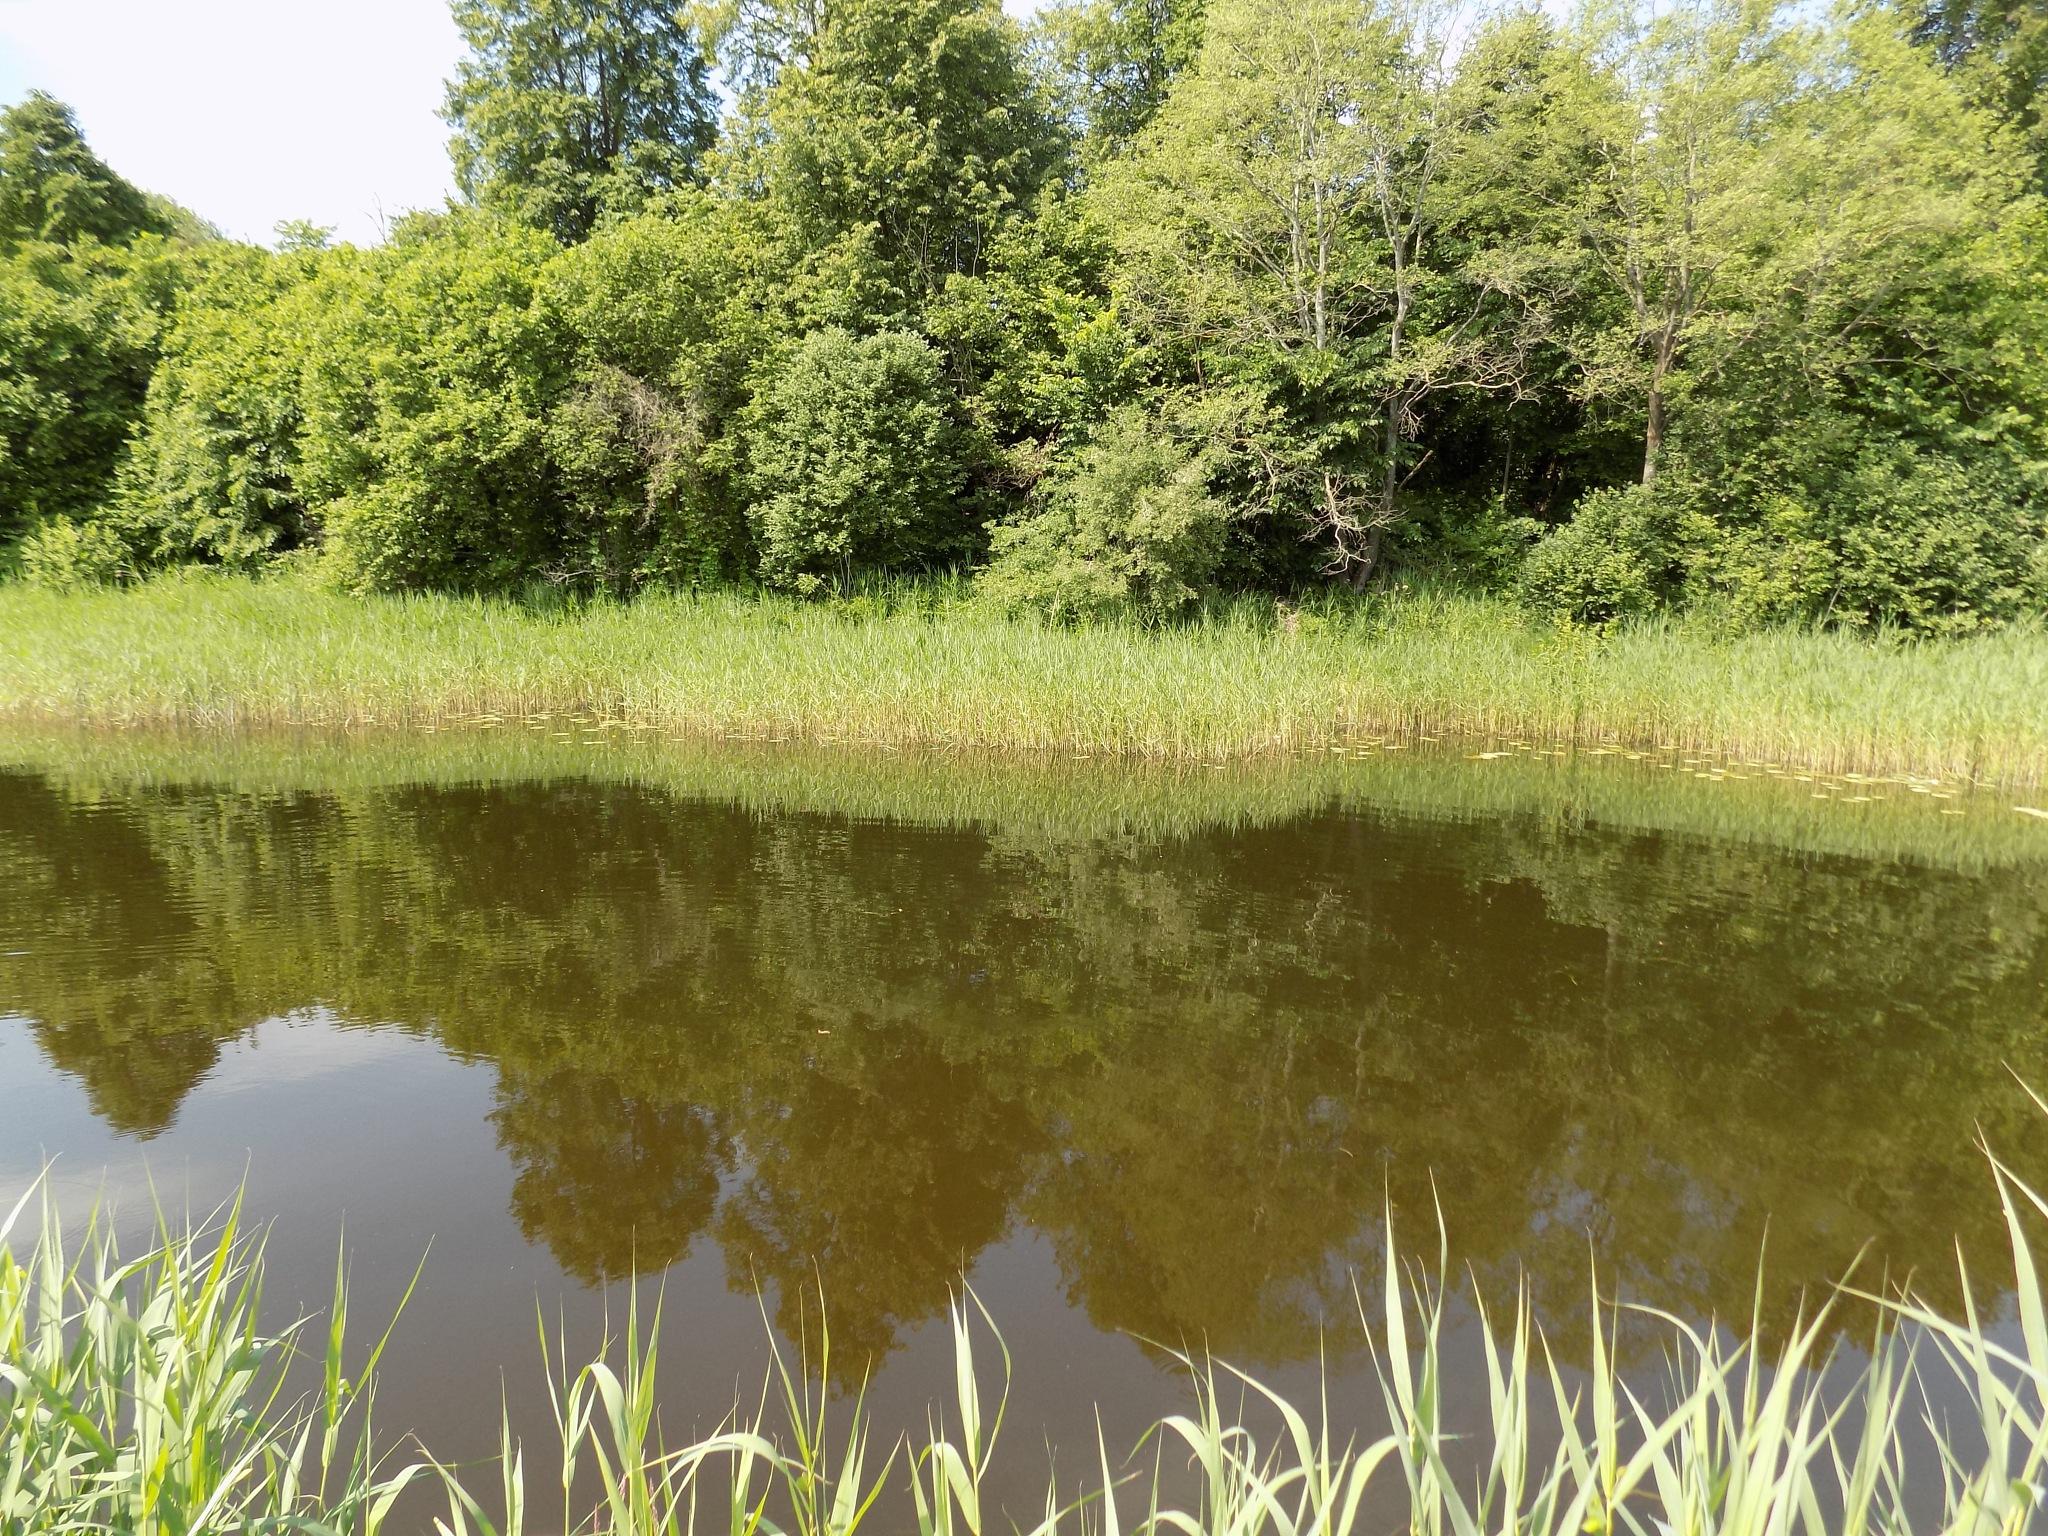 Green River shore by uzkuraitiene62